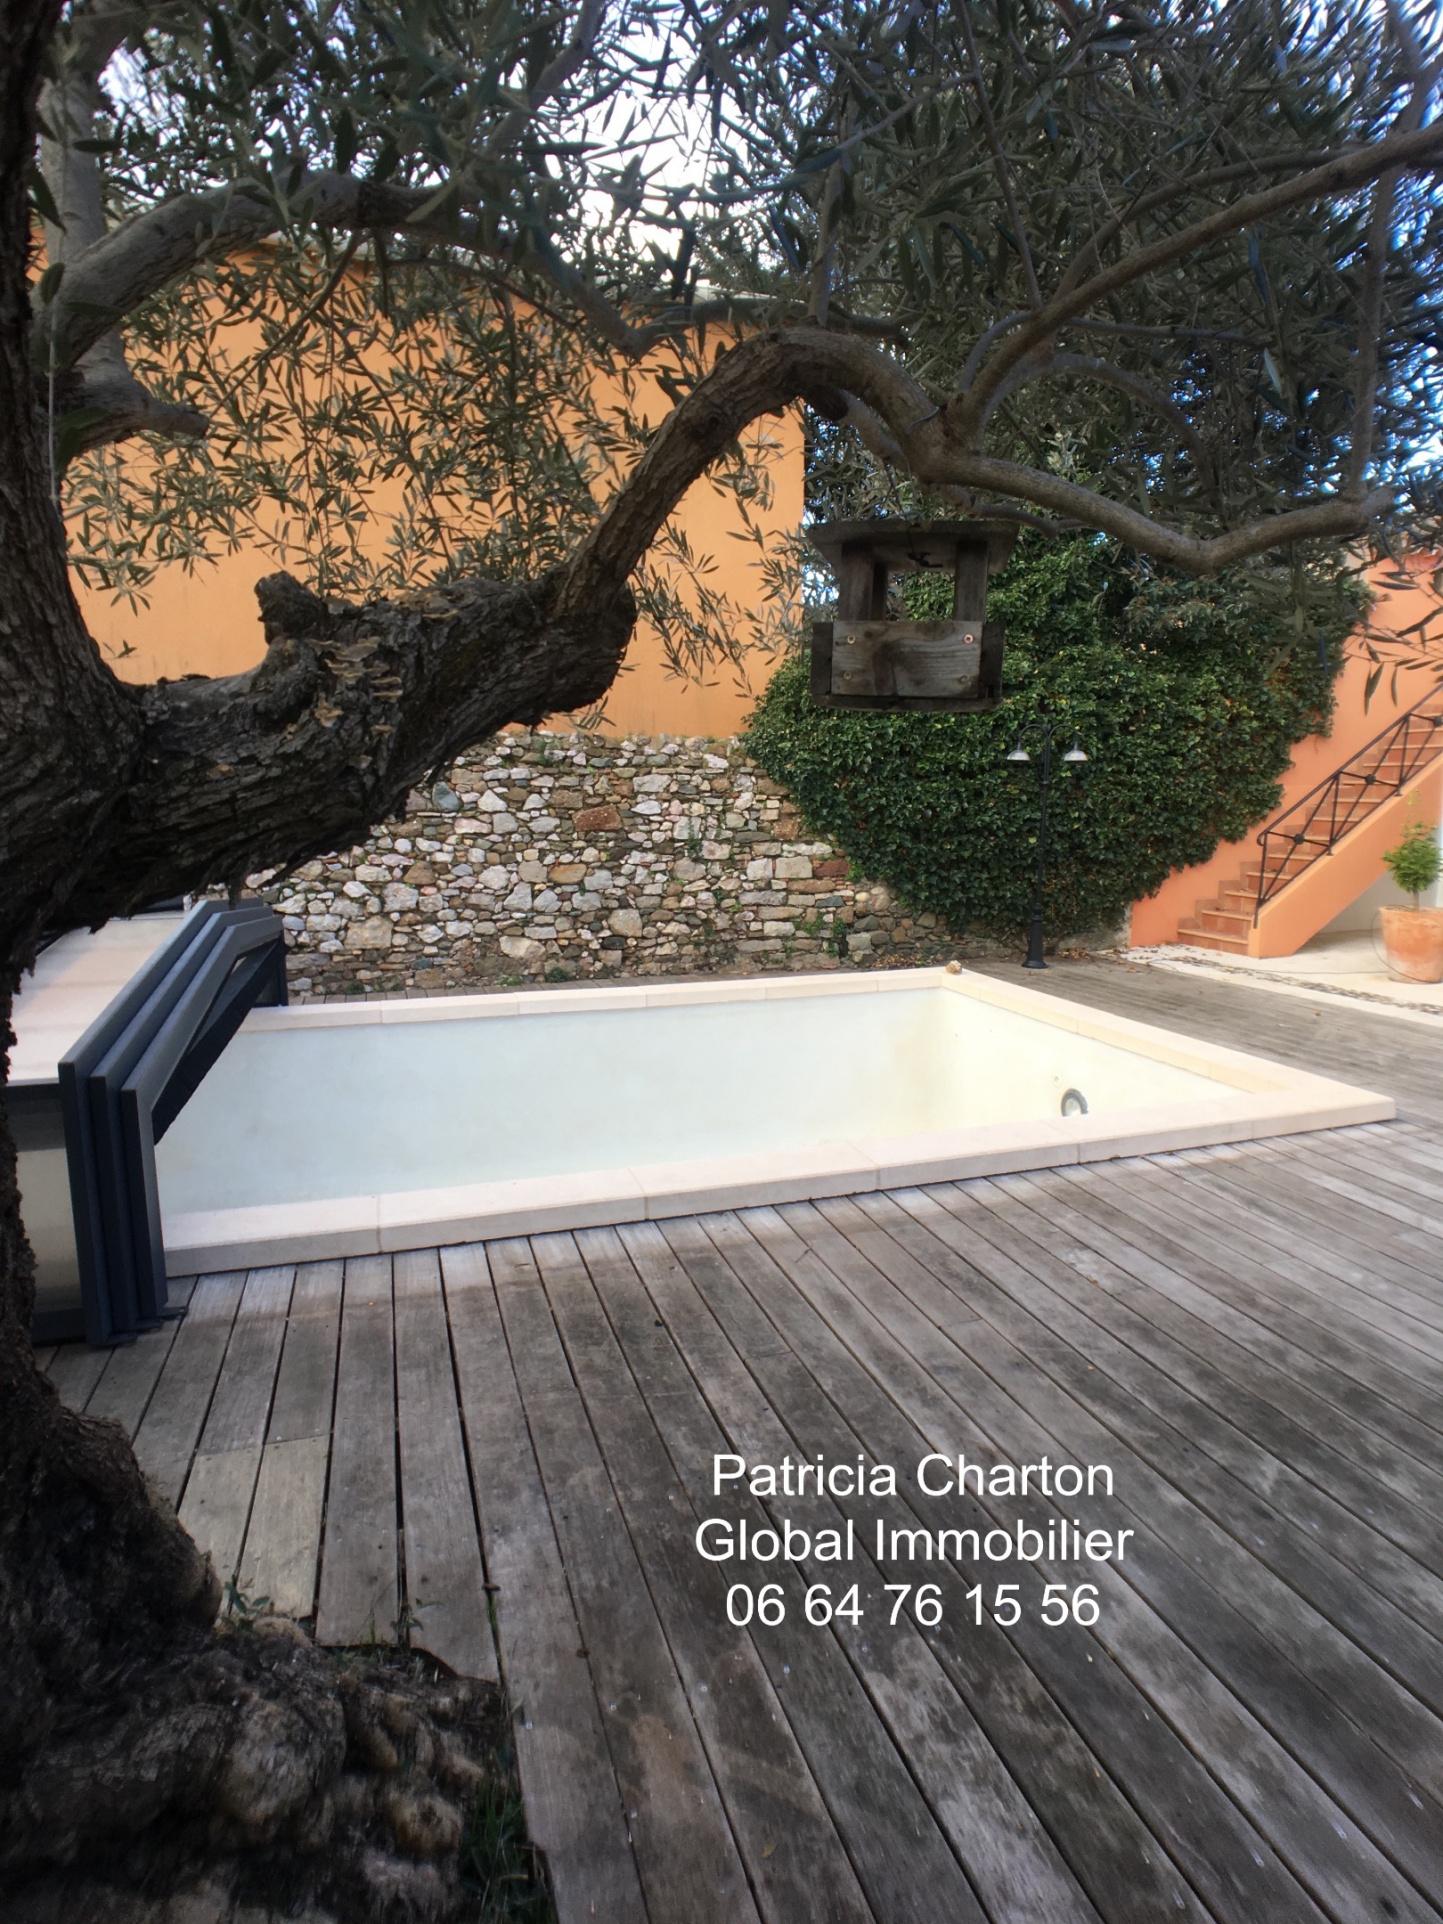 vente maison de ville tout confort avec ascenseur garage et piscine. Black Bedroom Furniture Sets. Home Design Ideas